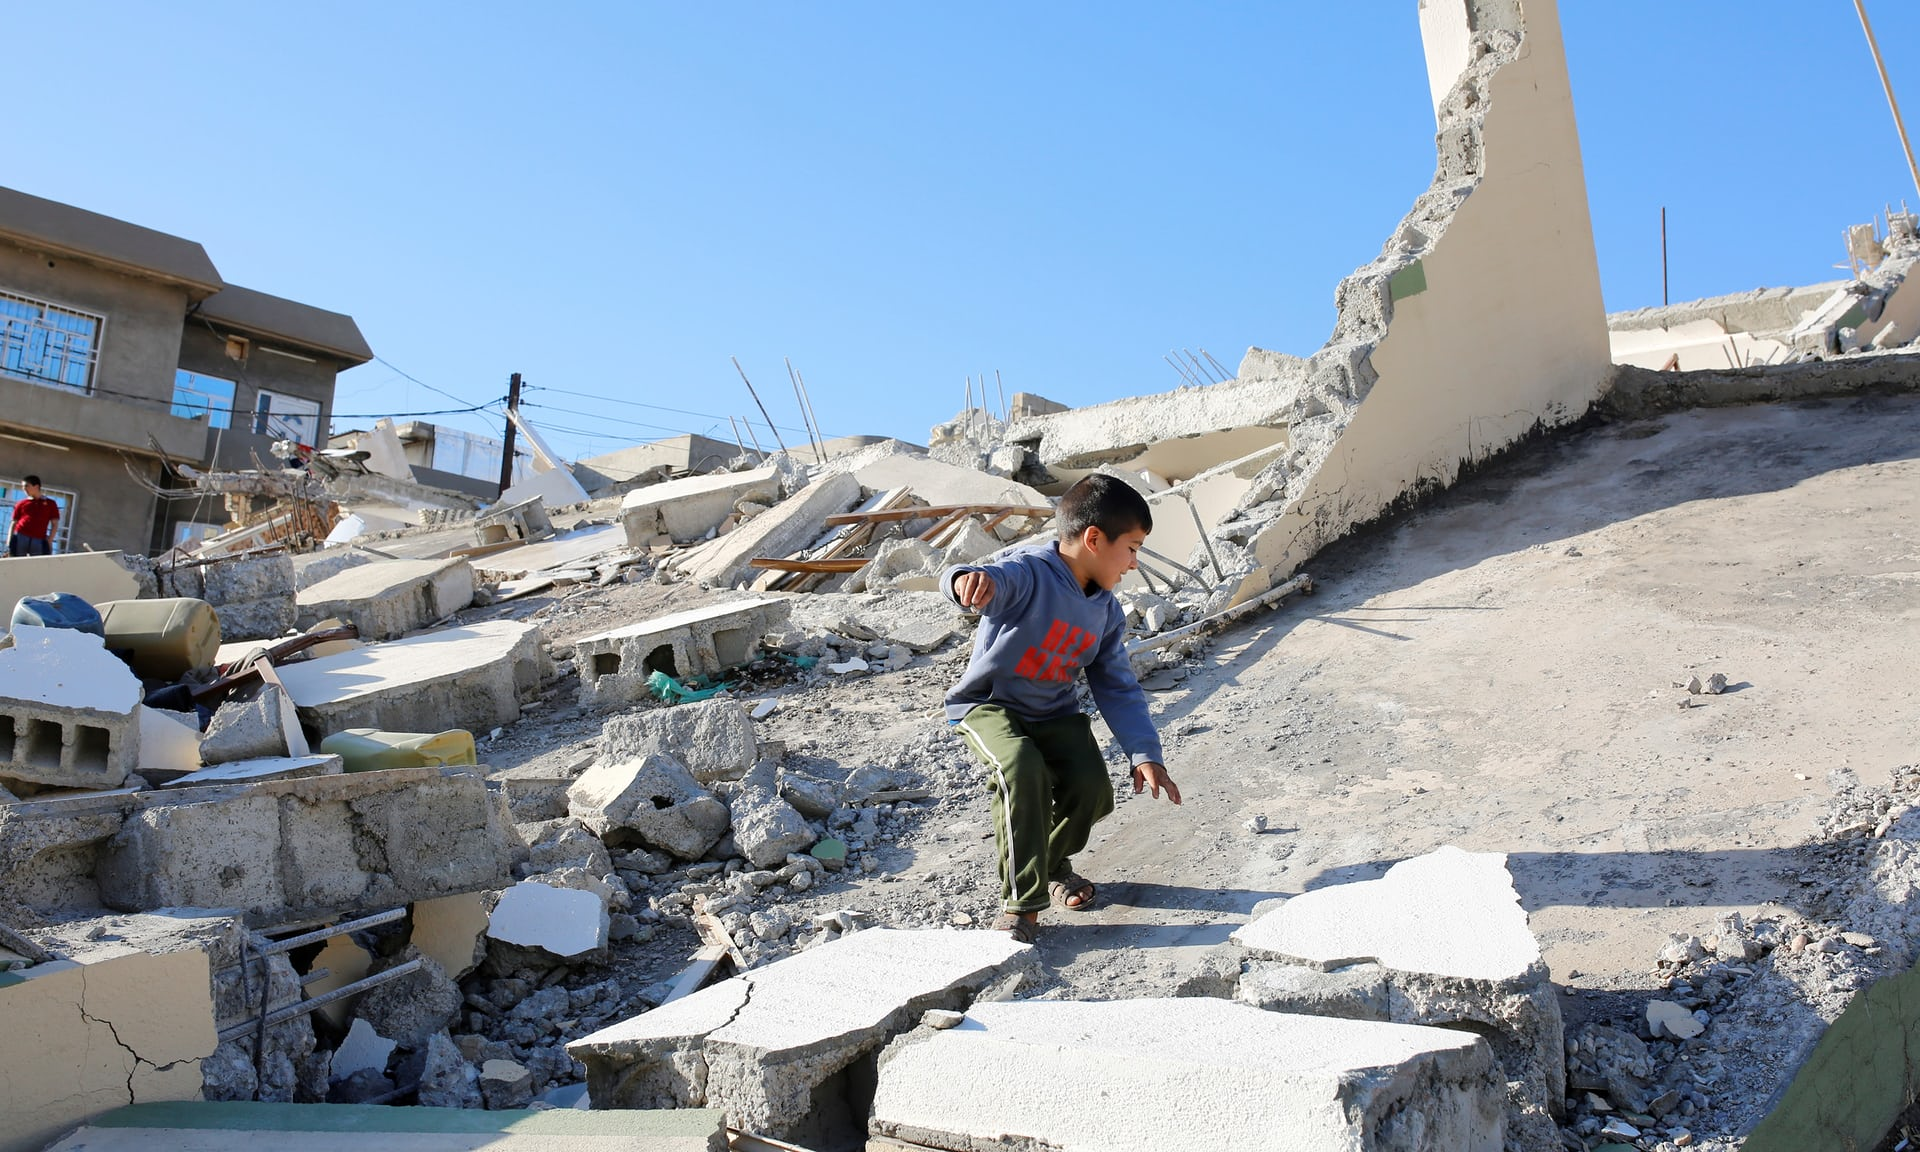 Κύμα μεγάλων σεισμών προβλέπεται για το 2018 καθώς η περιστροφή της Γης επιβραδύνεται.